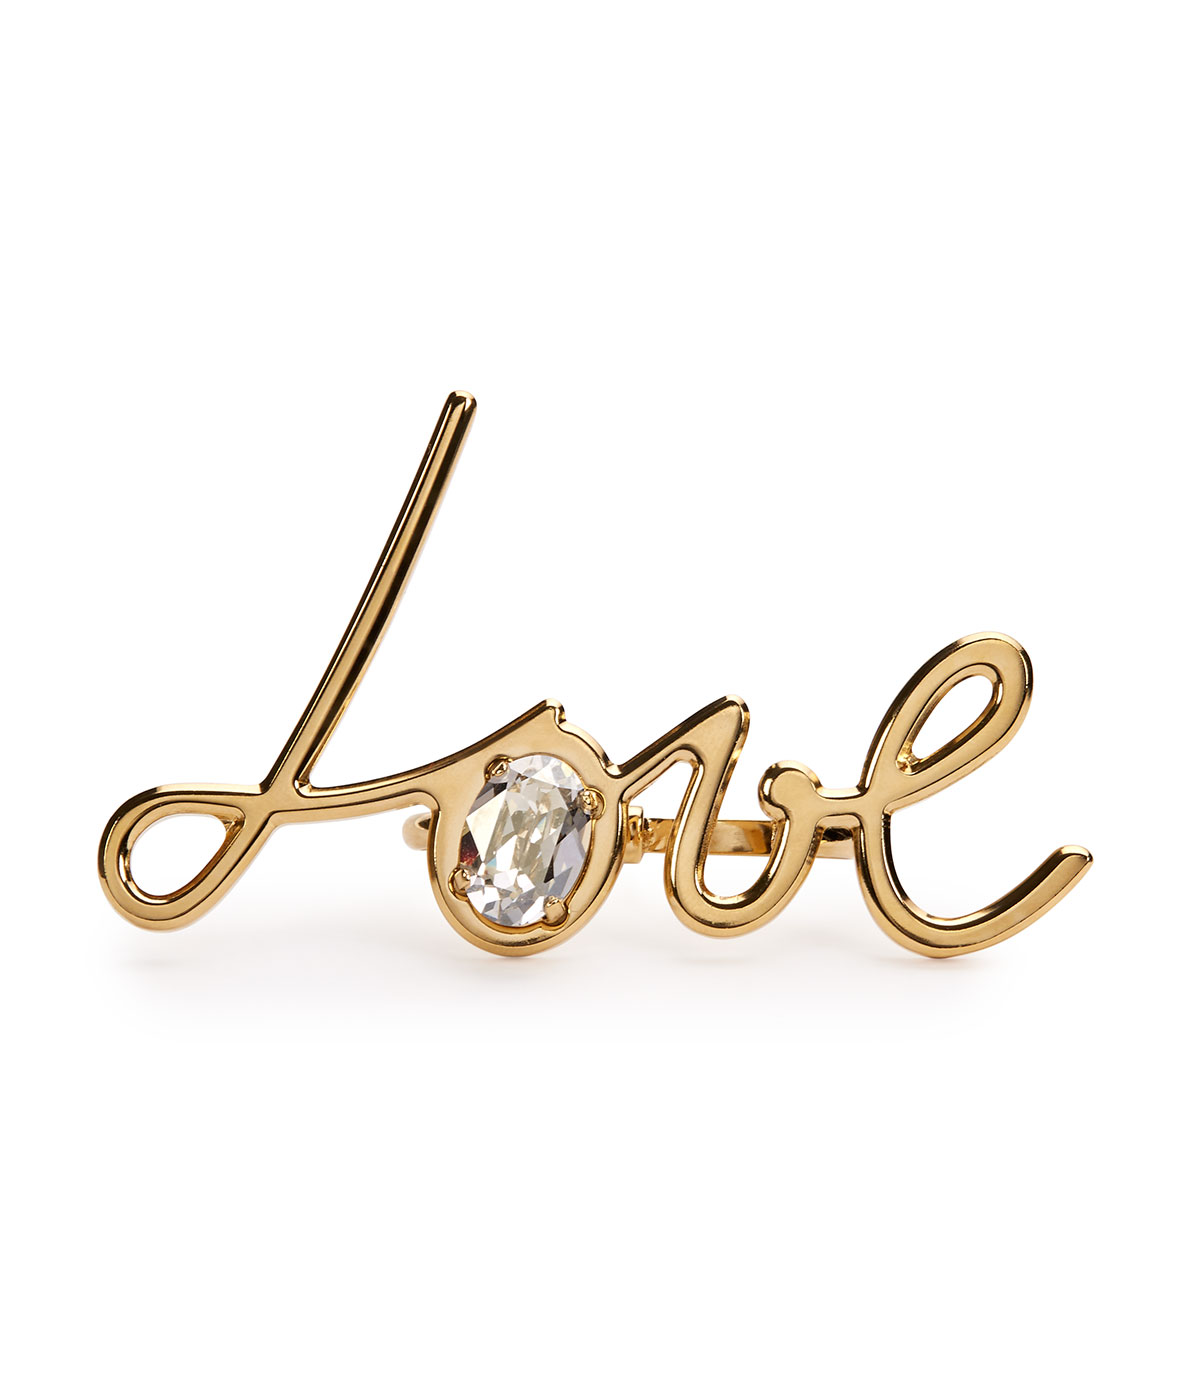 Lanvin Two-Finger Golden Love Ring, GOLD